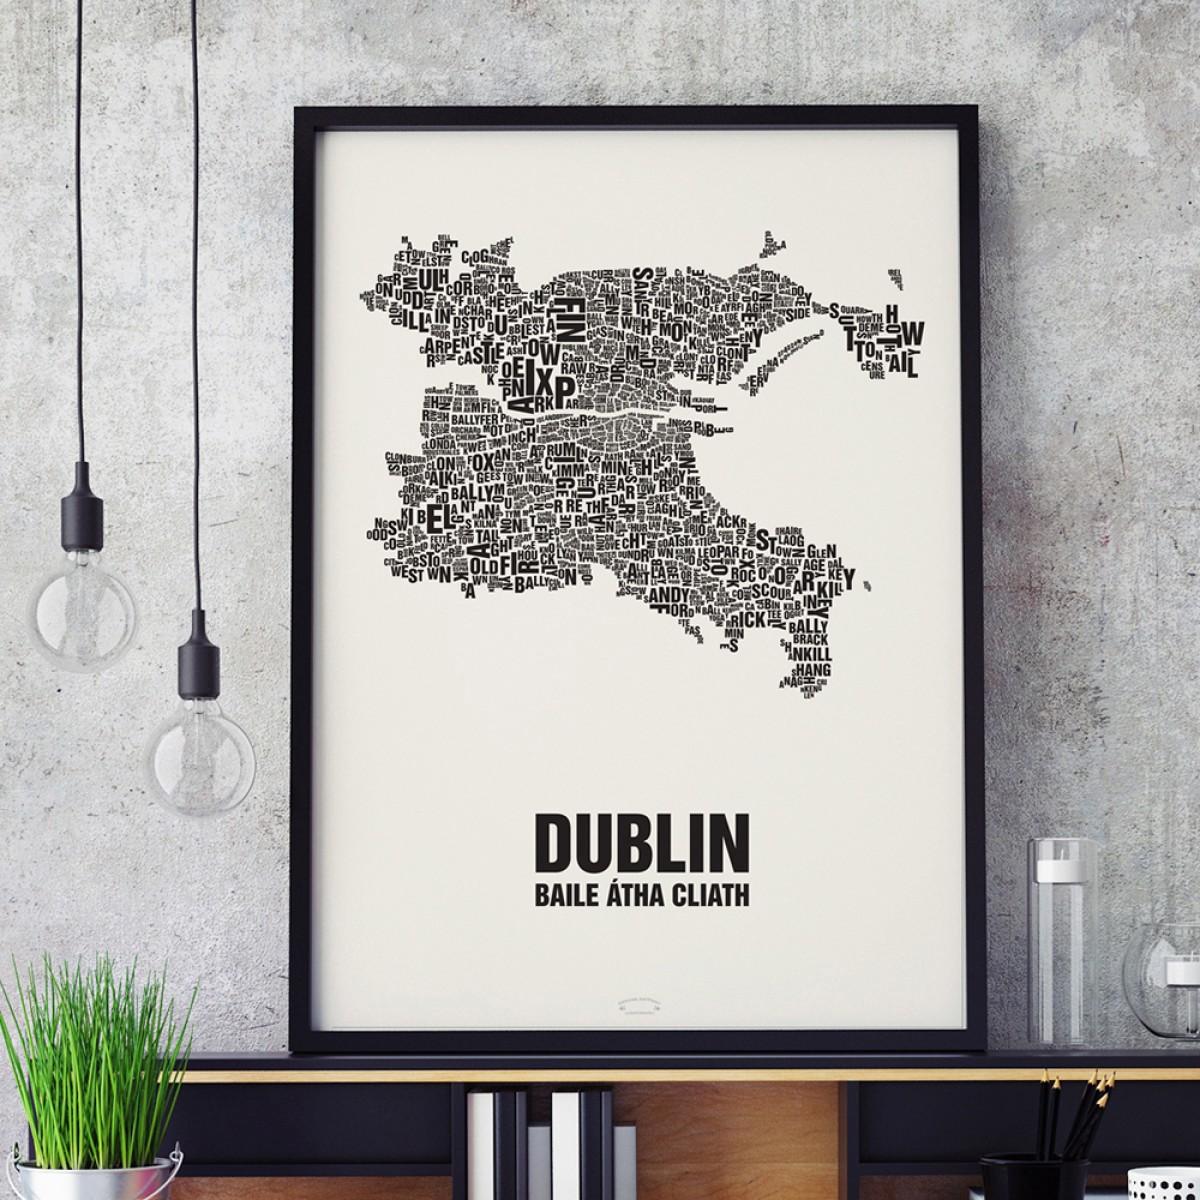 Buchstabenort Dublin Stadtteile-Poster Typografie Siebdruck